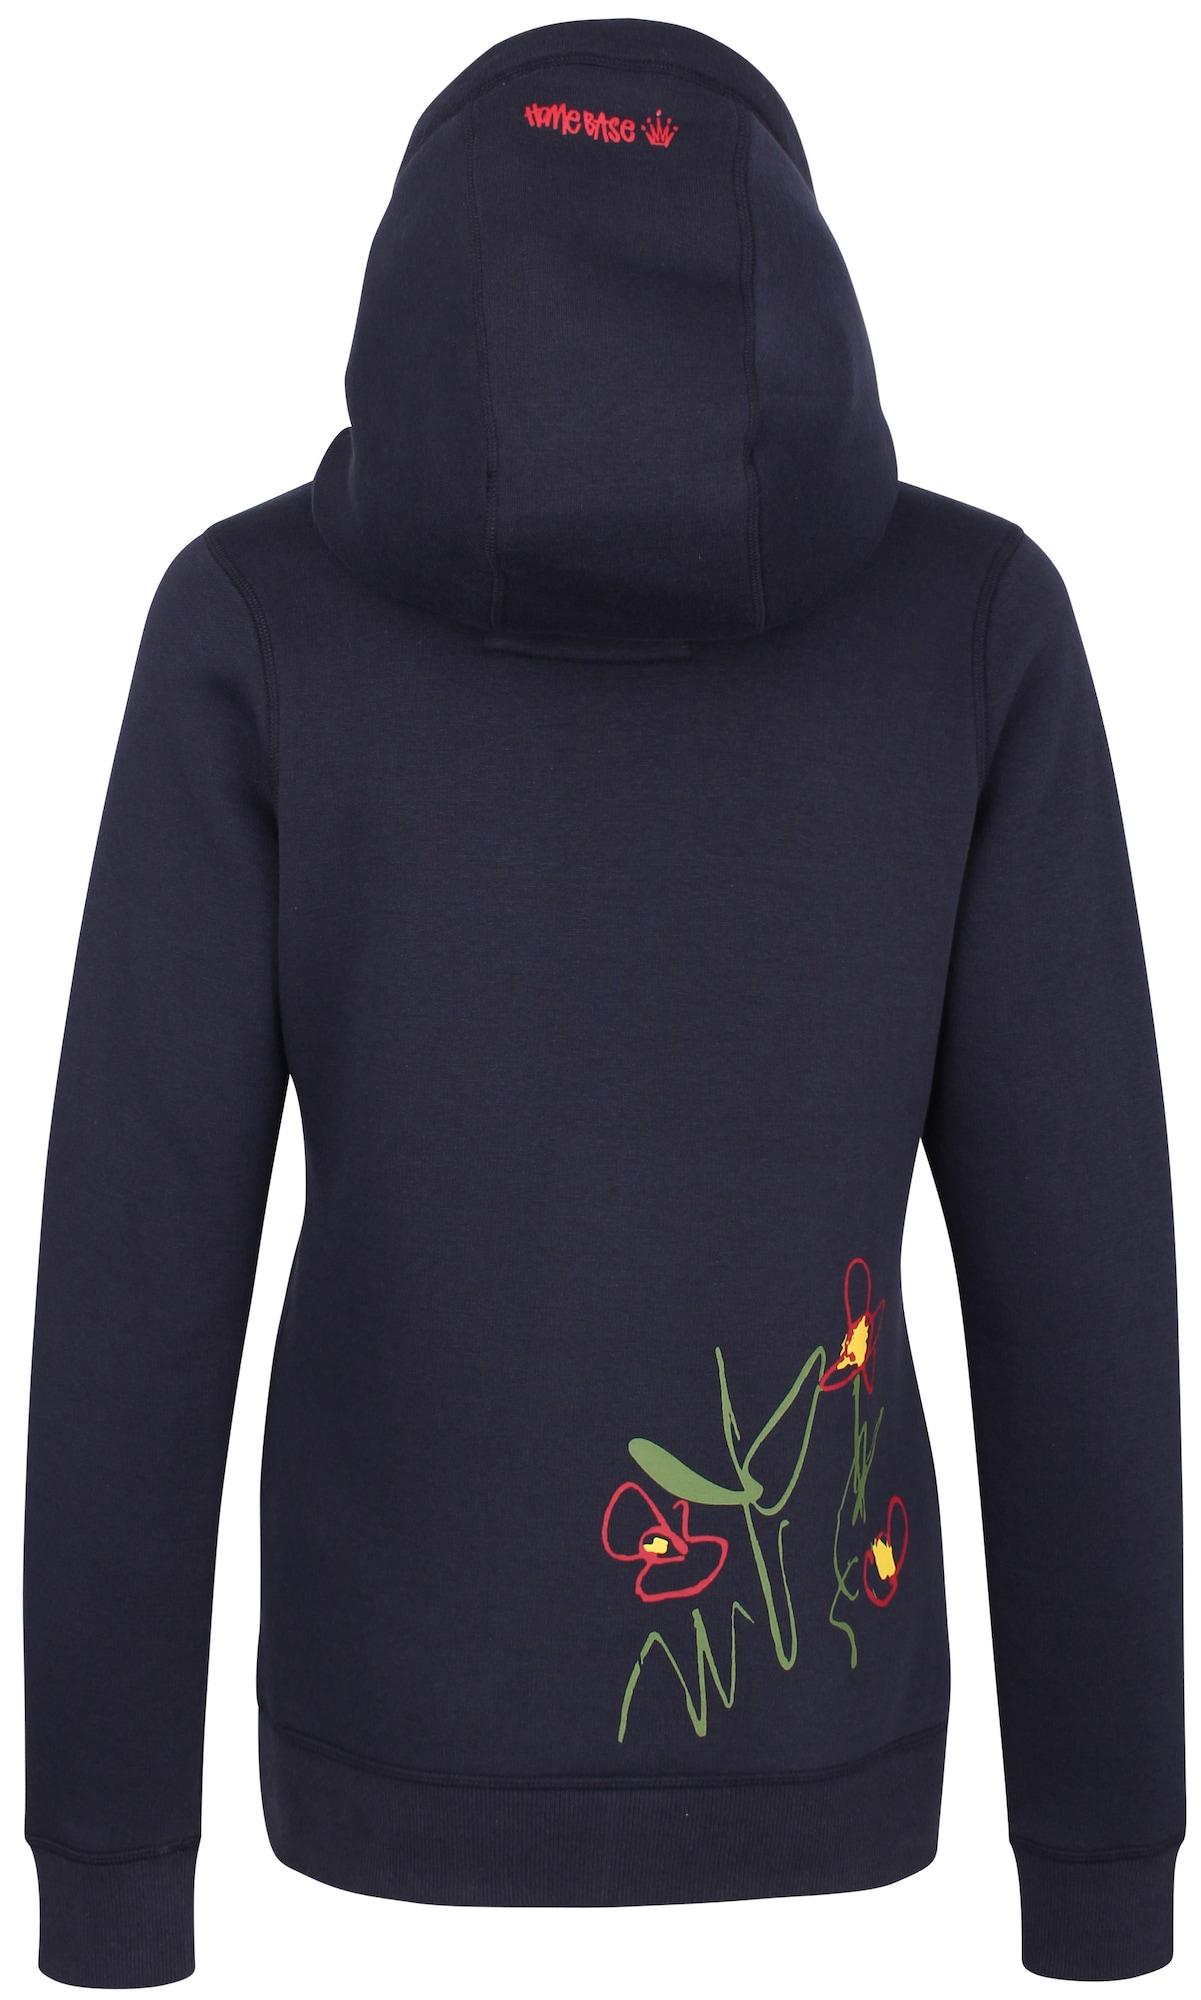 HOMEBASE, Damen Sweatshirt, donkerblauw / geel / grasgroen / lichtrood / wit